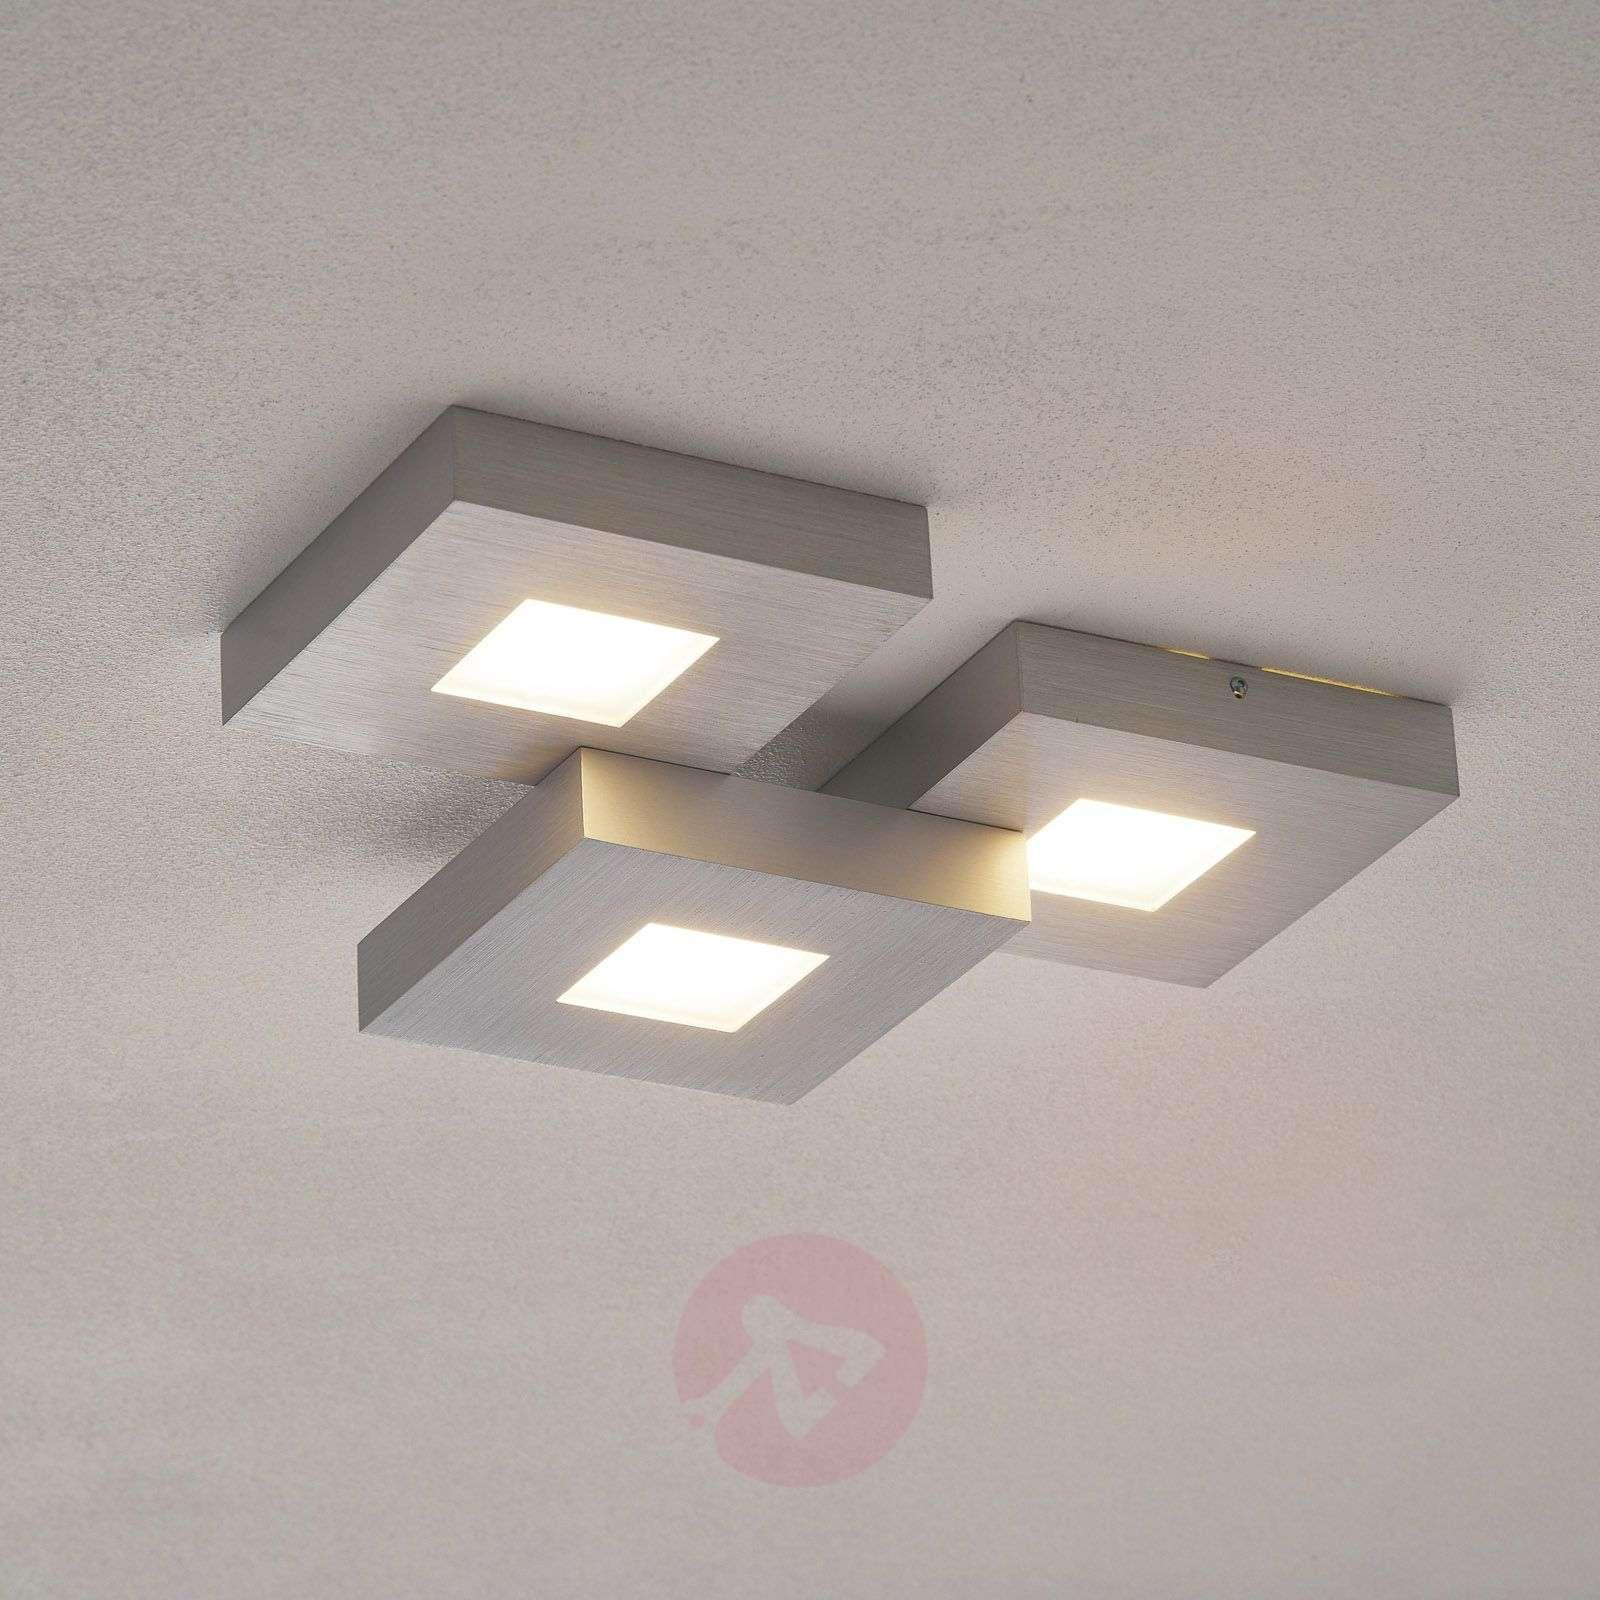 Cubus – kolmilamppuinen LED-kattovalaisin-1556047-01